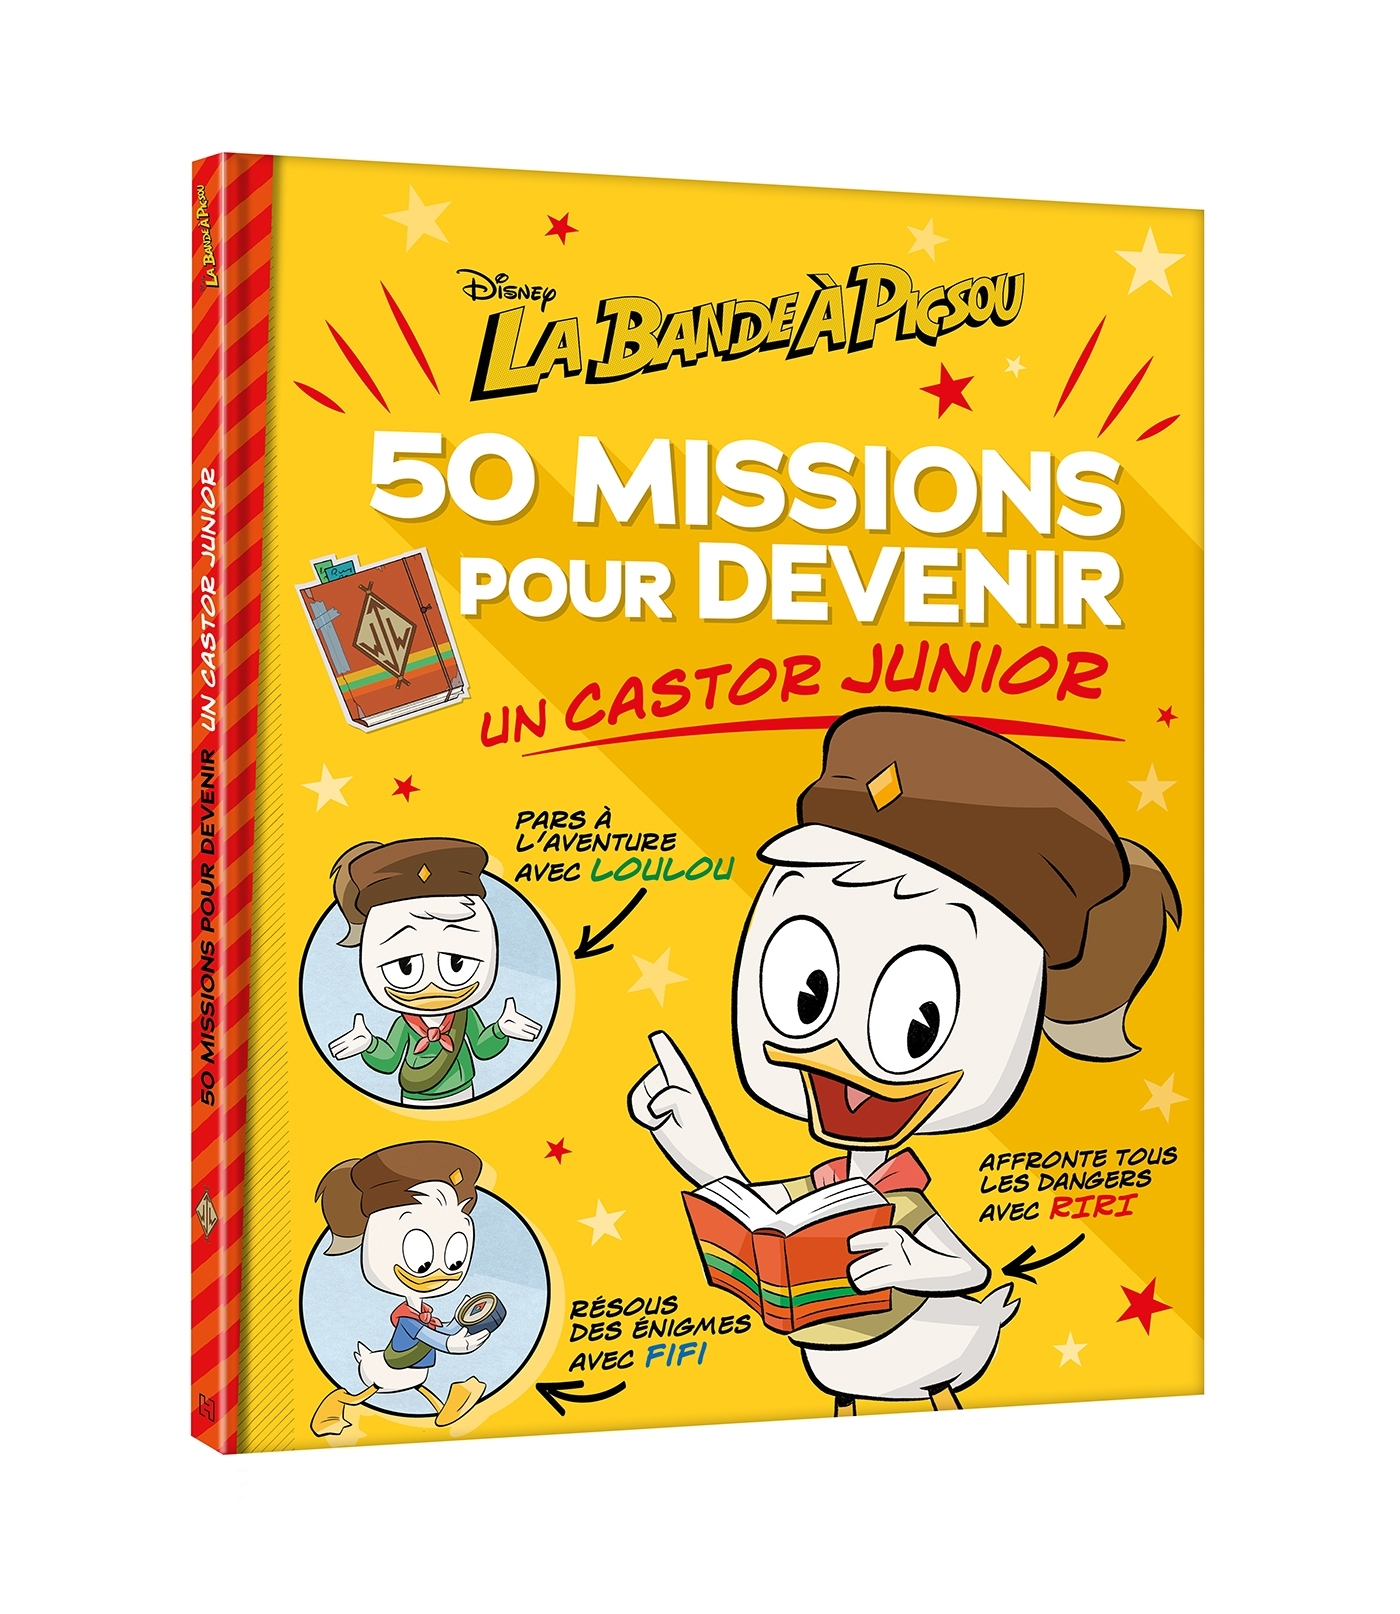 LA BANDE A PICSOU - 50 MISSIONS POUR DEVENIR UN CASTOR JUNIOR